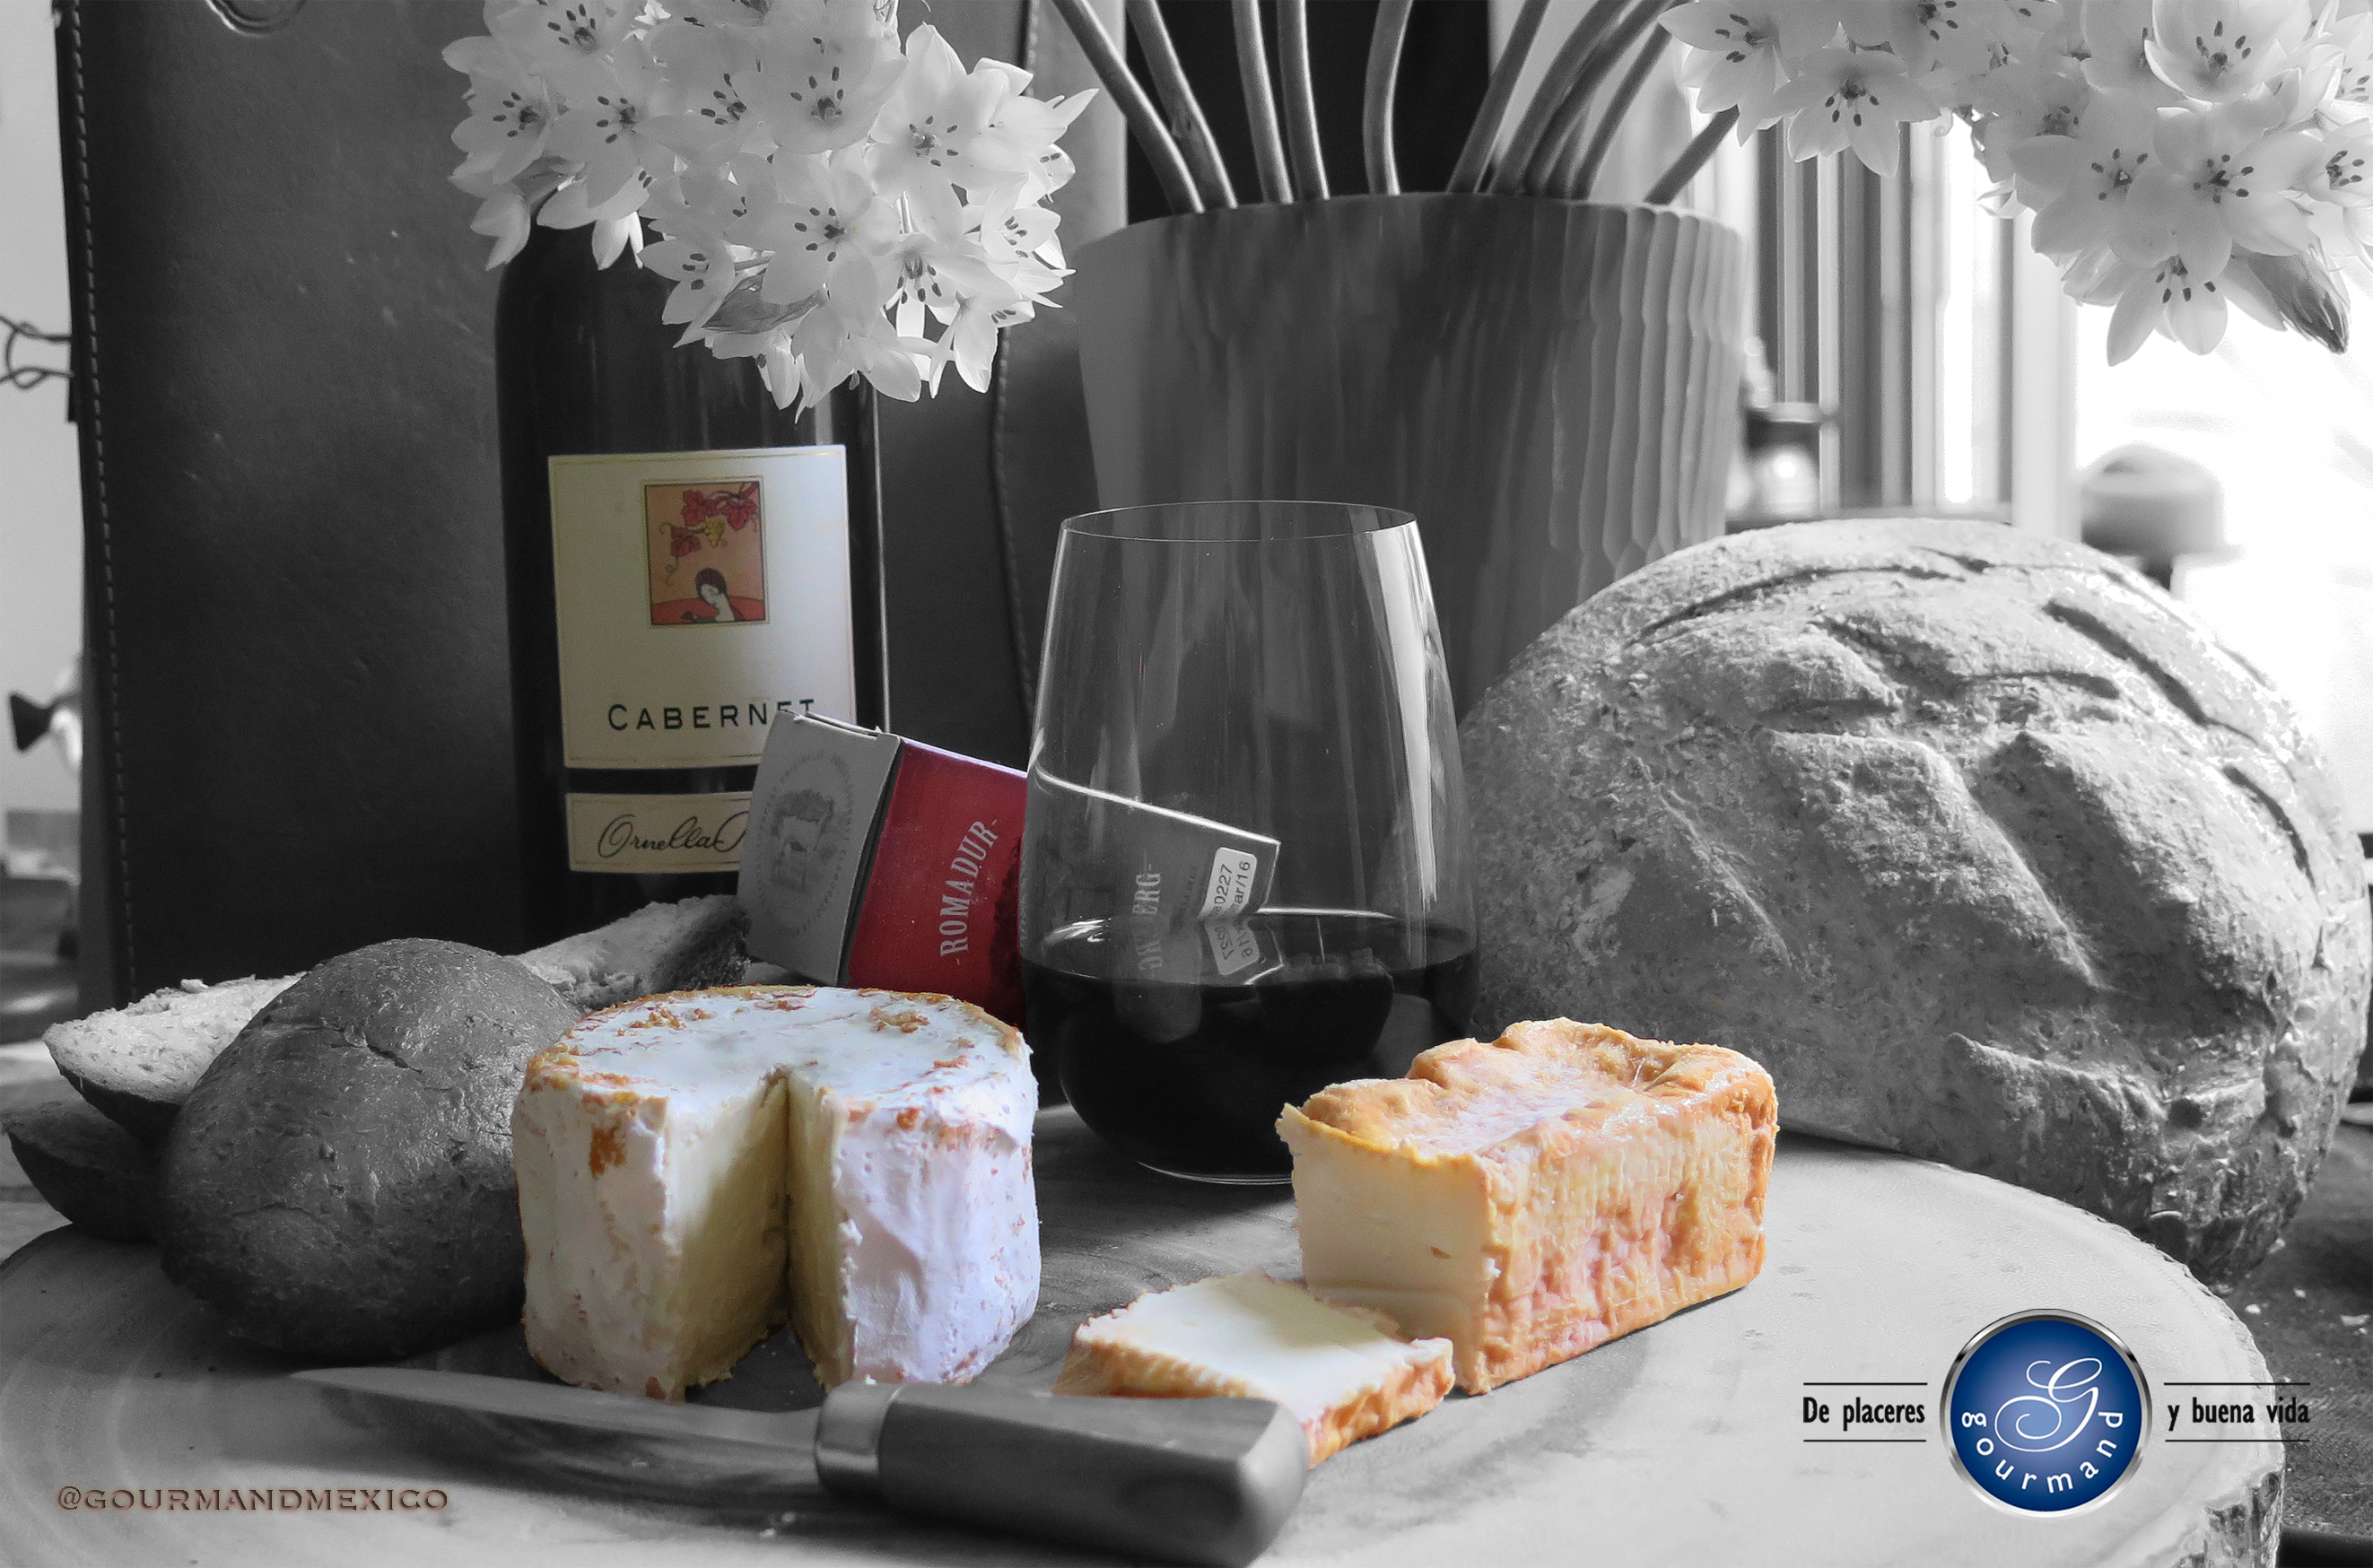 ¿Saben qué? comer queso mejora la salud y es una costumbre deliciosa